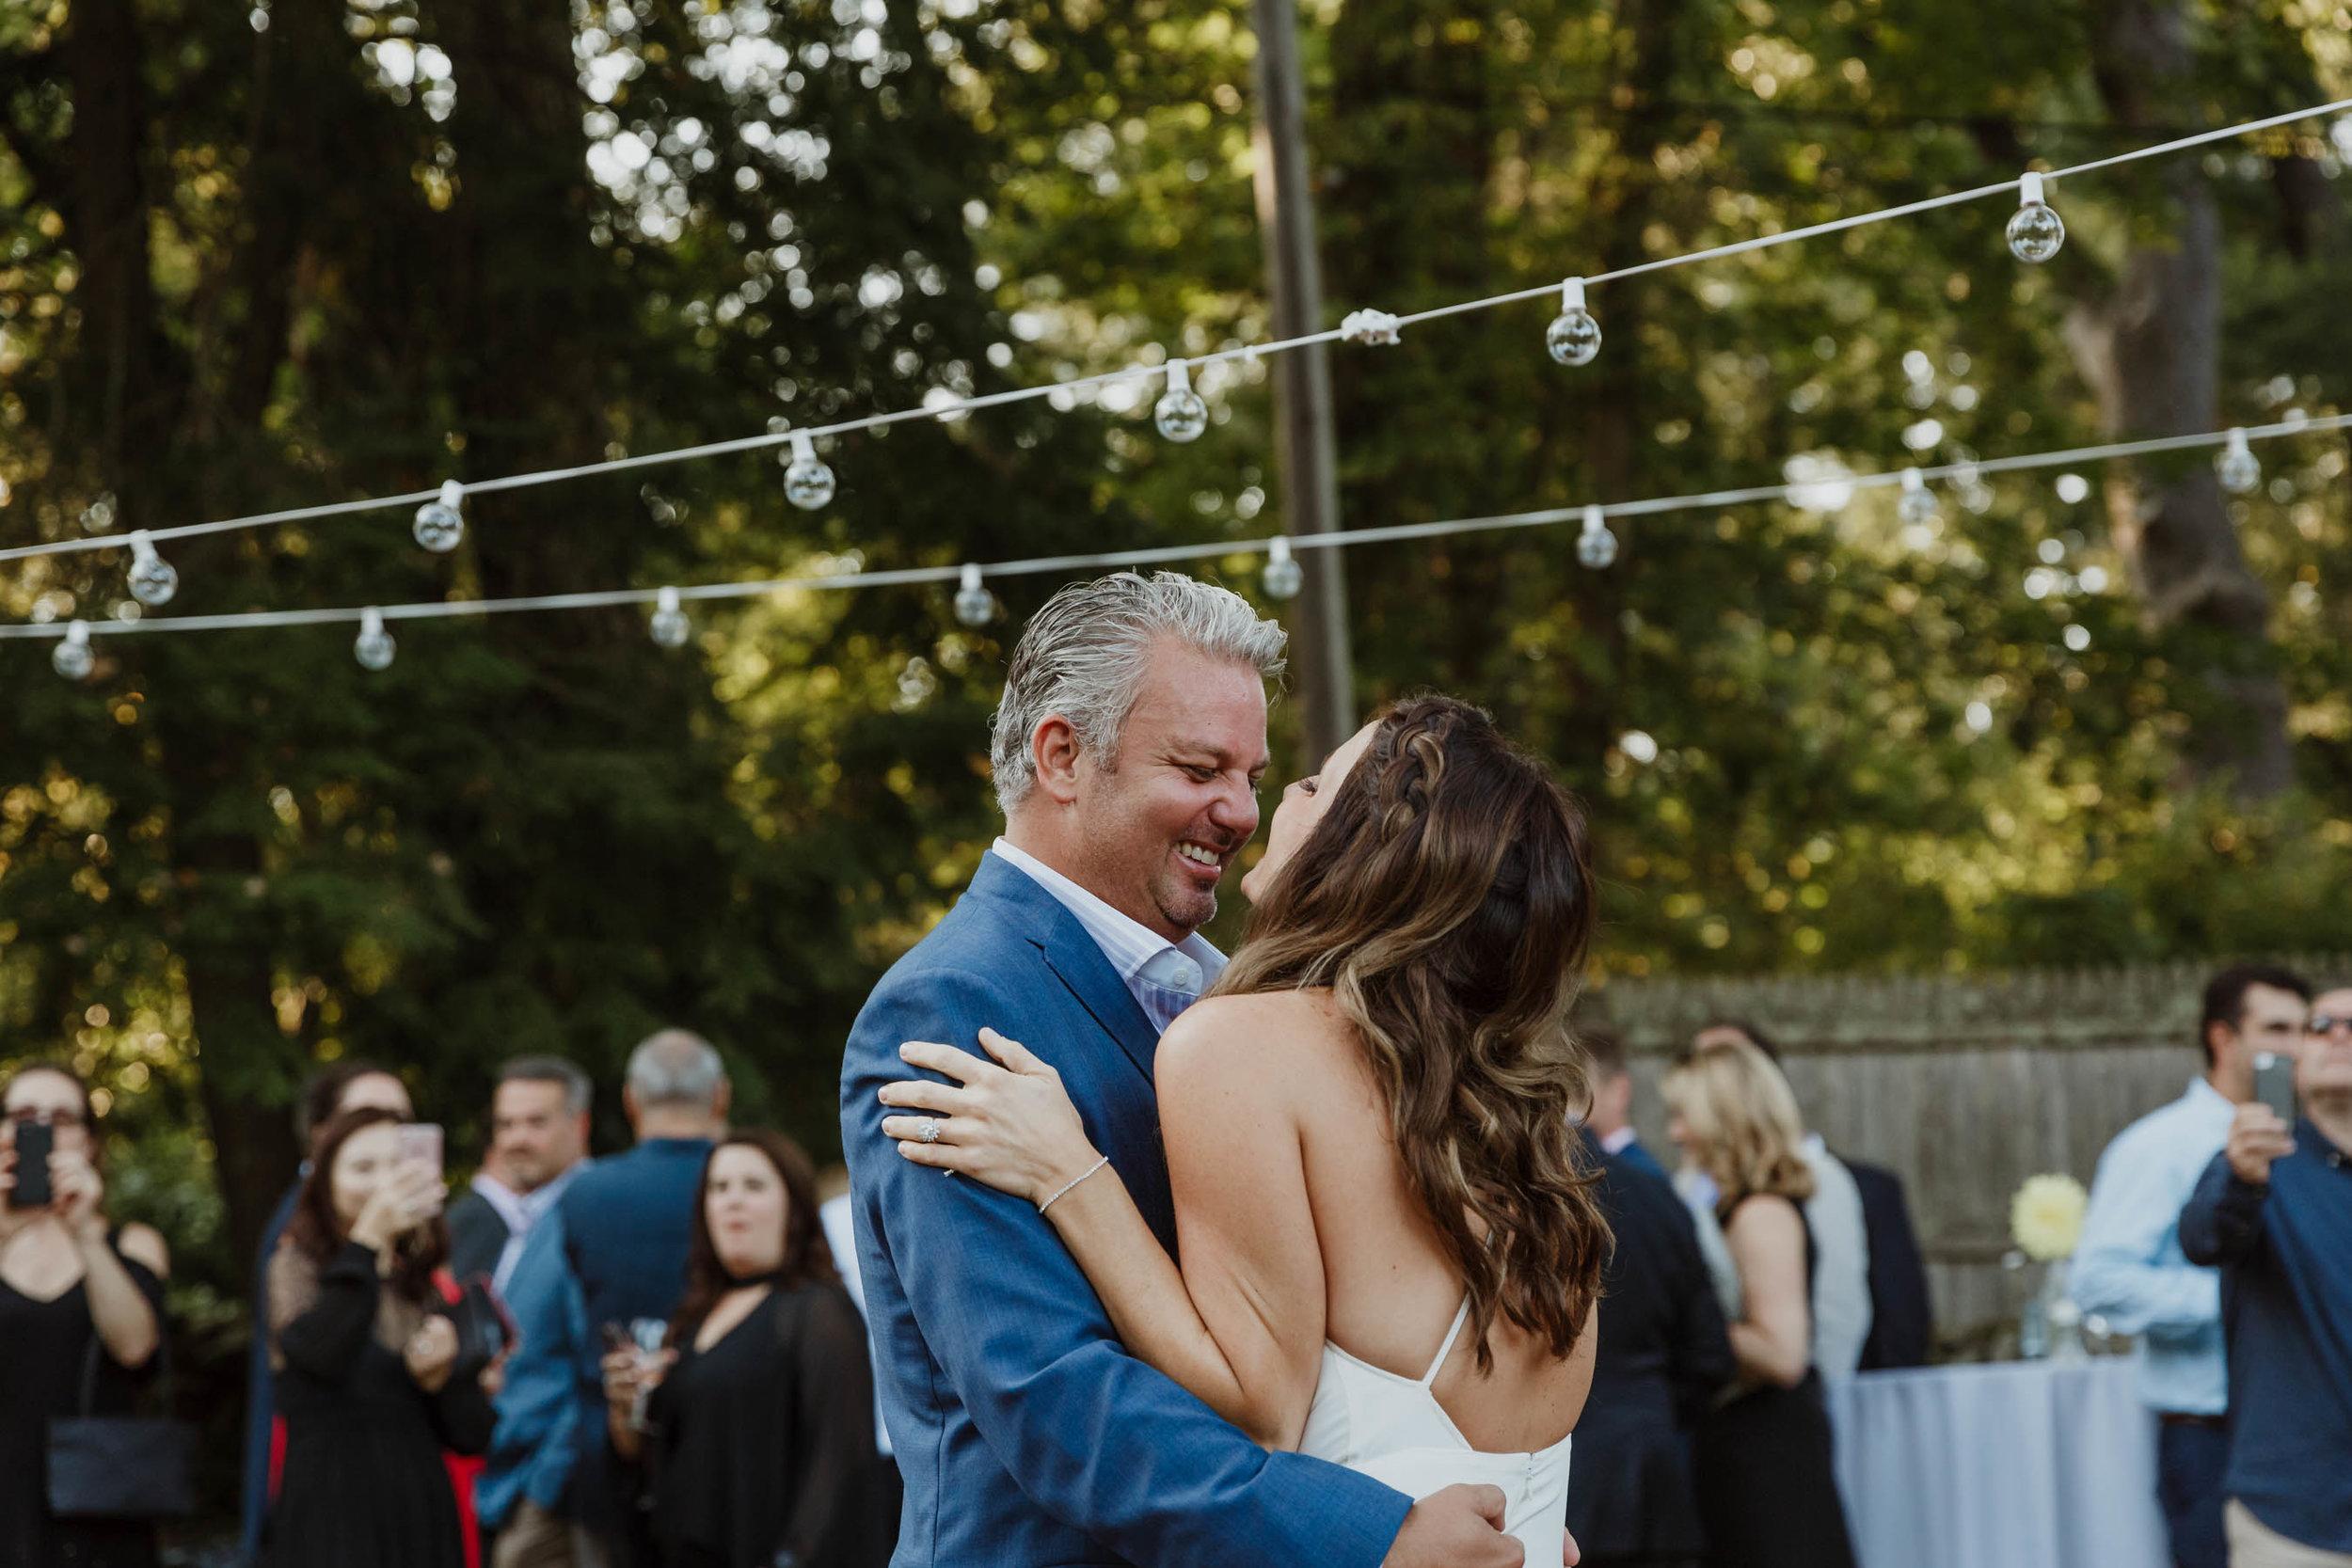 fairfield-county-connecticut-backyard-wedding-photographer--68.jpg